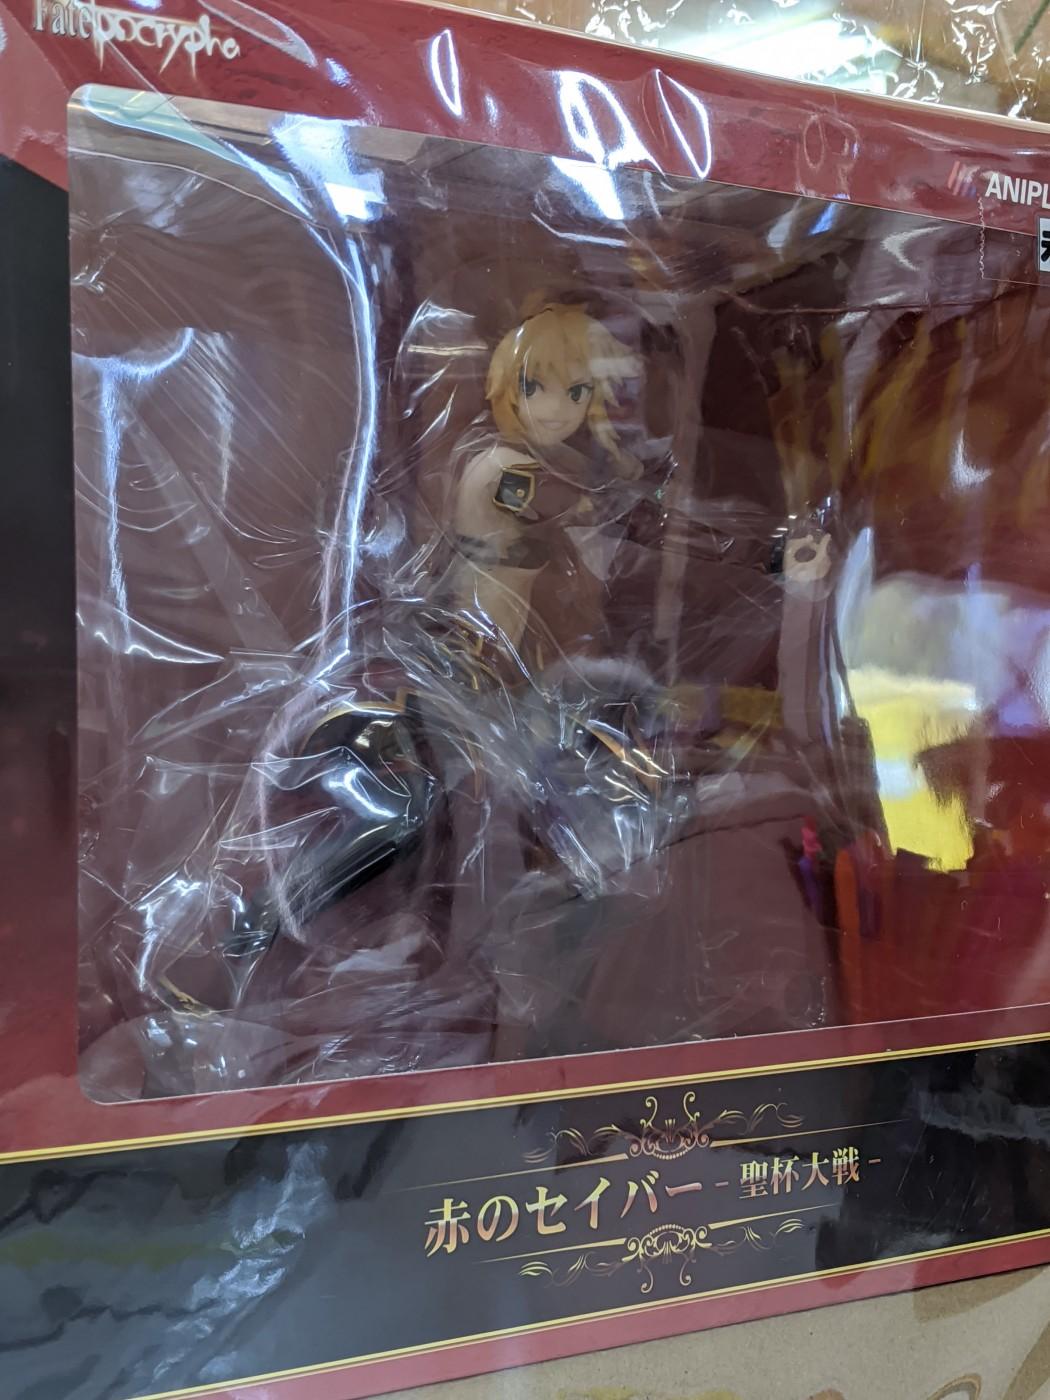 買取情報『フリーイング:Fate/Grand Order スカサハ 刺し穿つバニーVer. 1/7 完成品フィギュア/アニプレックス:Fate/Apocrypha 赤のセイバー -聖杯大戦- 1/7スケールフィギュア』